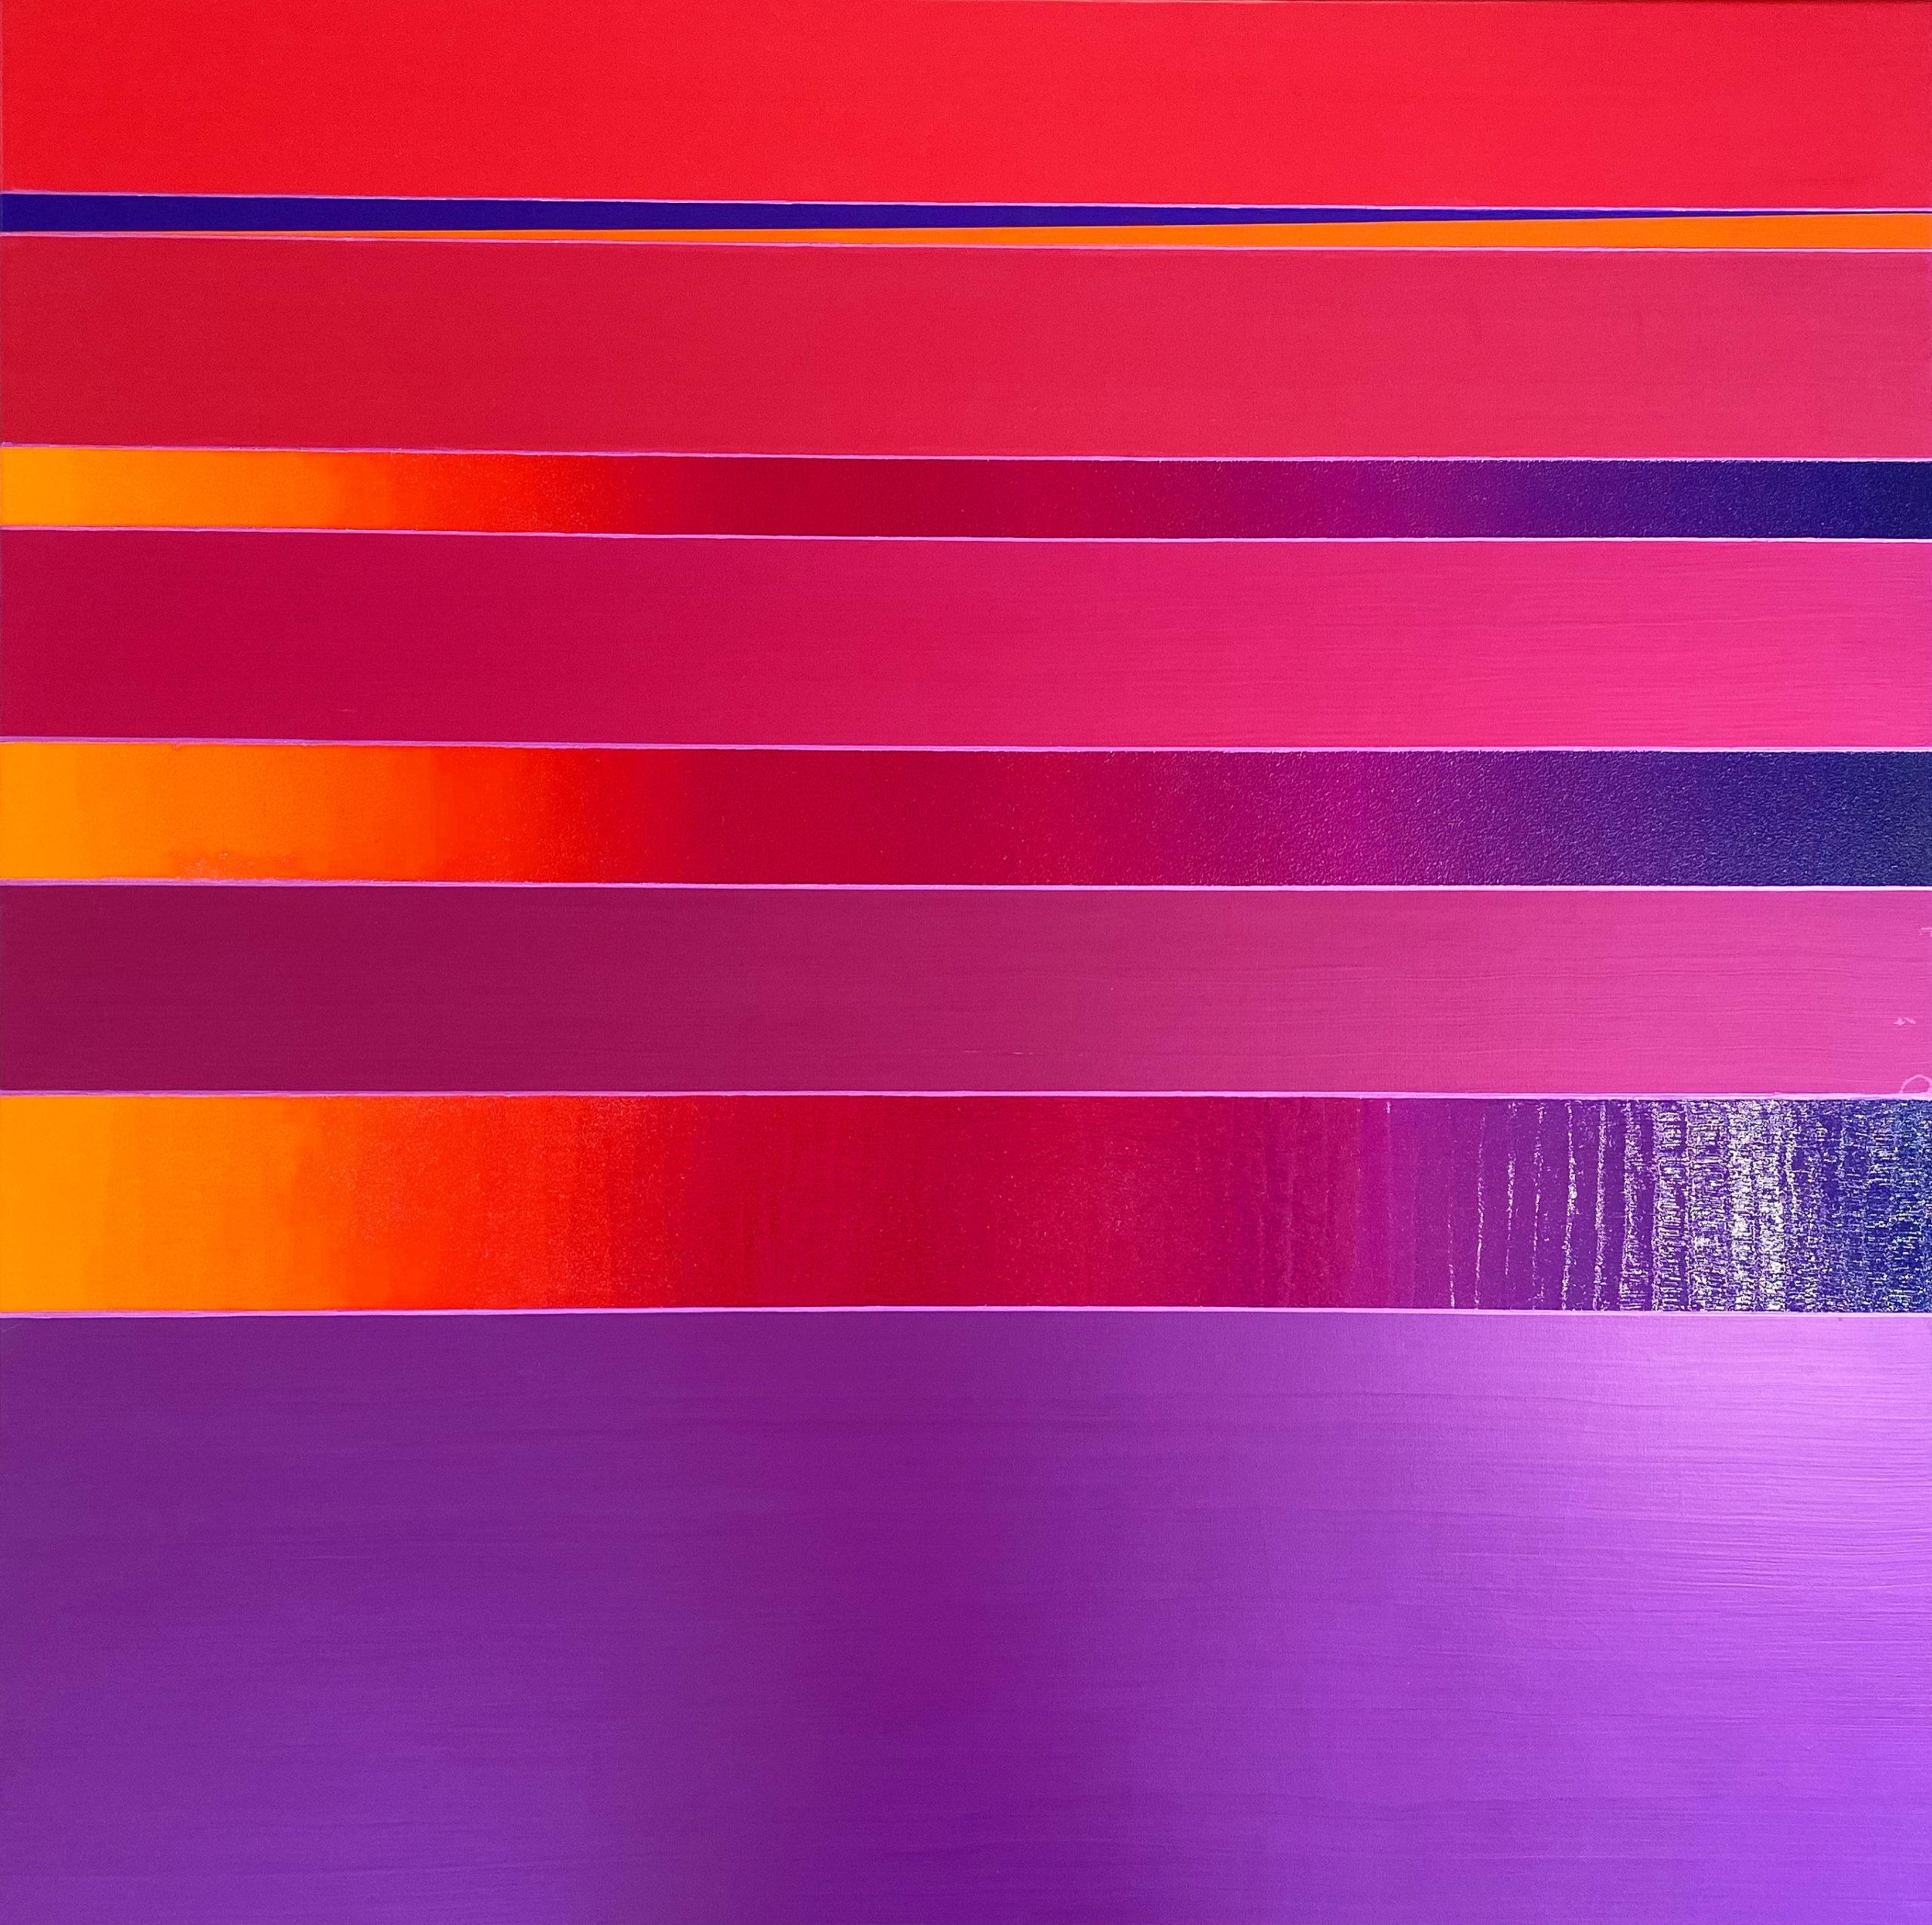 WAHRNEHMUNGSSTREIFEN 020 Canvas 100 x 100 x 2 cm Acrylic metallic glossy Oil Glitter glossy on canvas